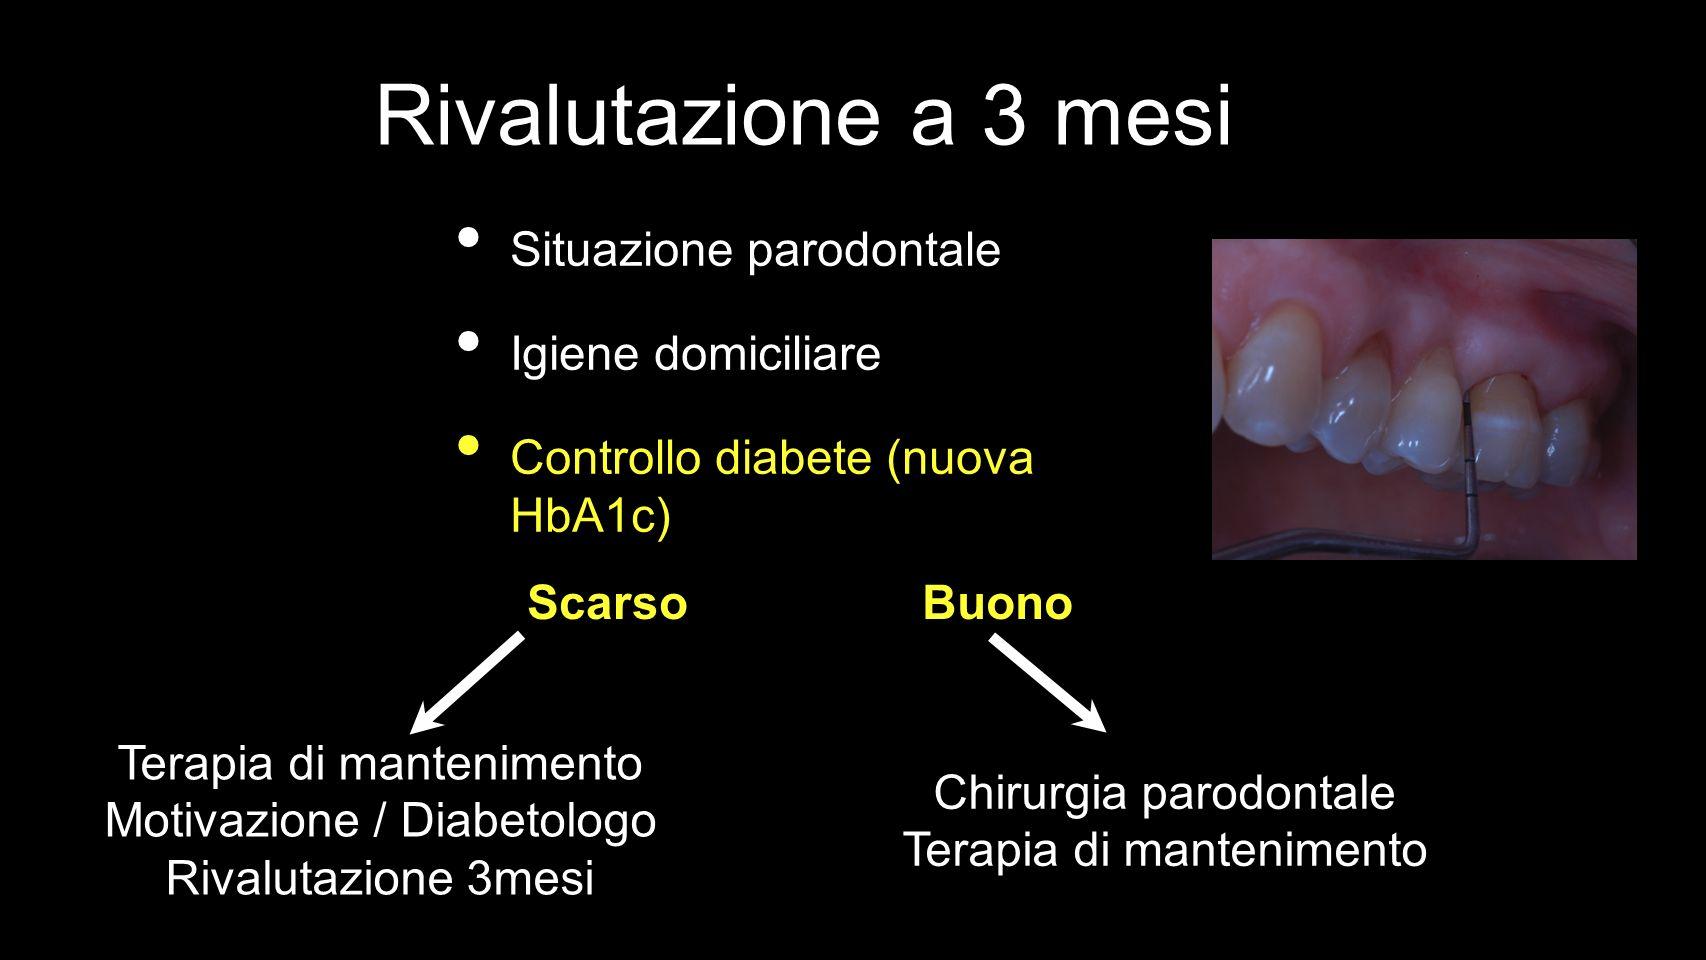 Rivalutazione a 3 mesi Situazione parodontale Igiene domiciliare Controllo diabete (nuova HbA1c) Chirurgia parodontale Terapia di mantenimento Motivaz